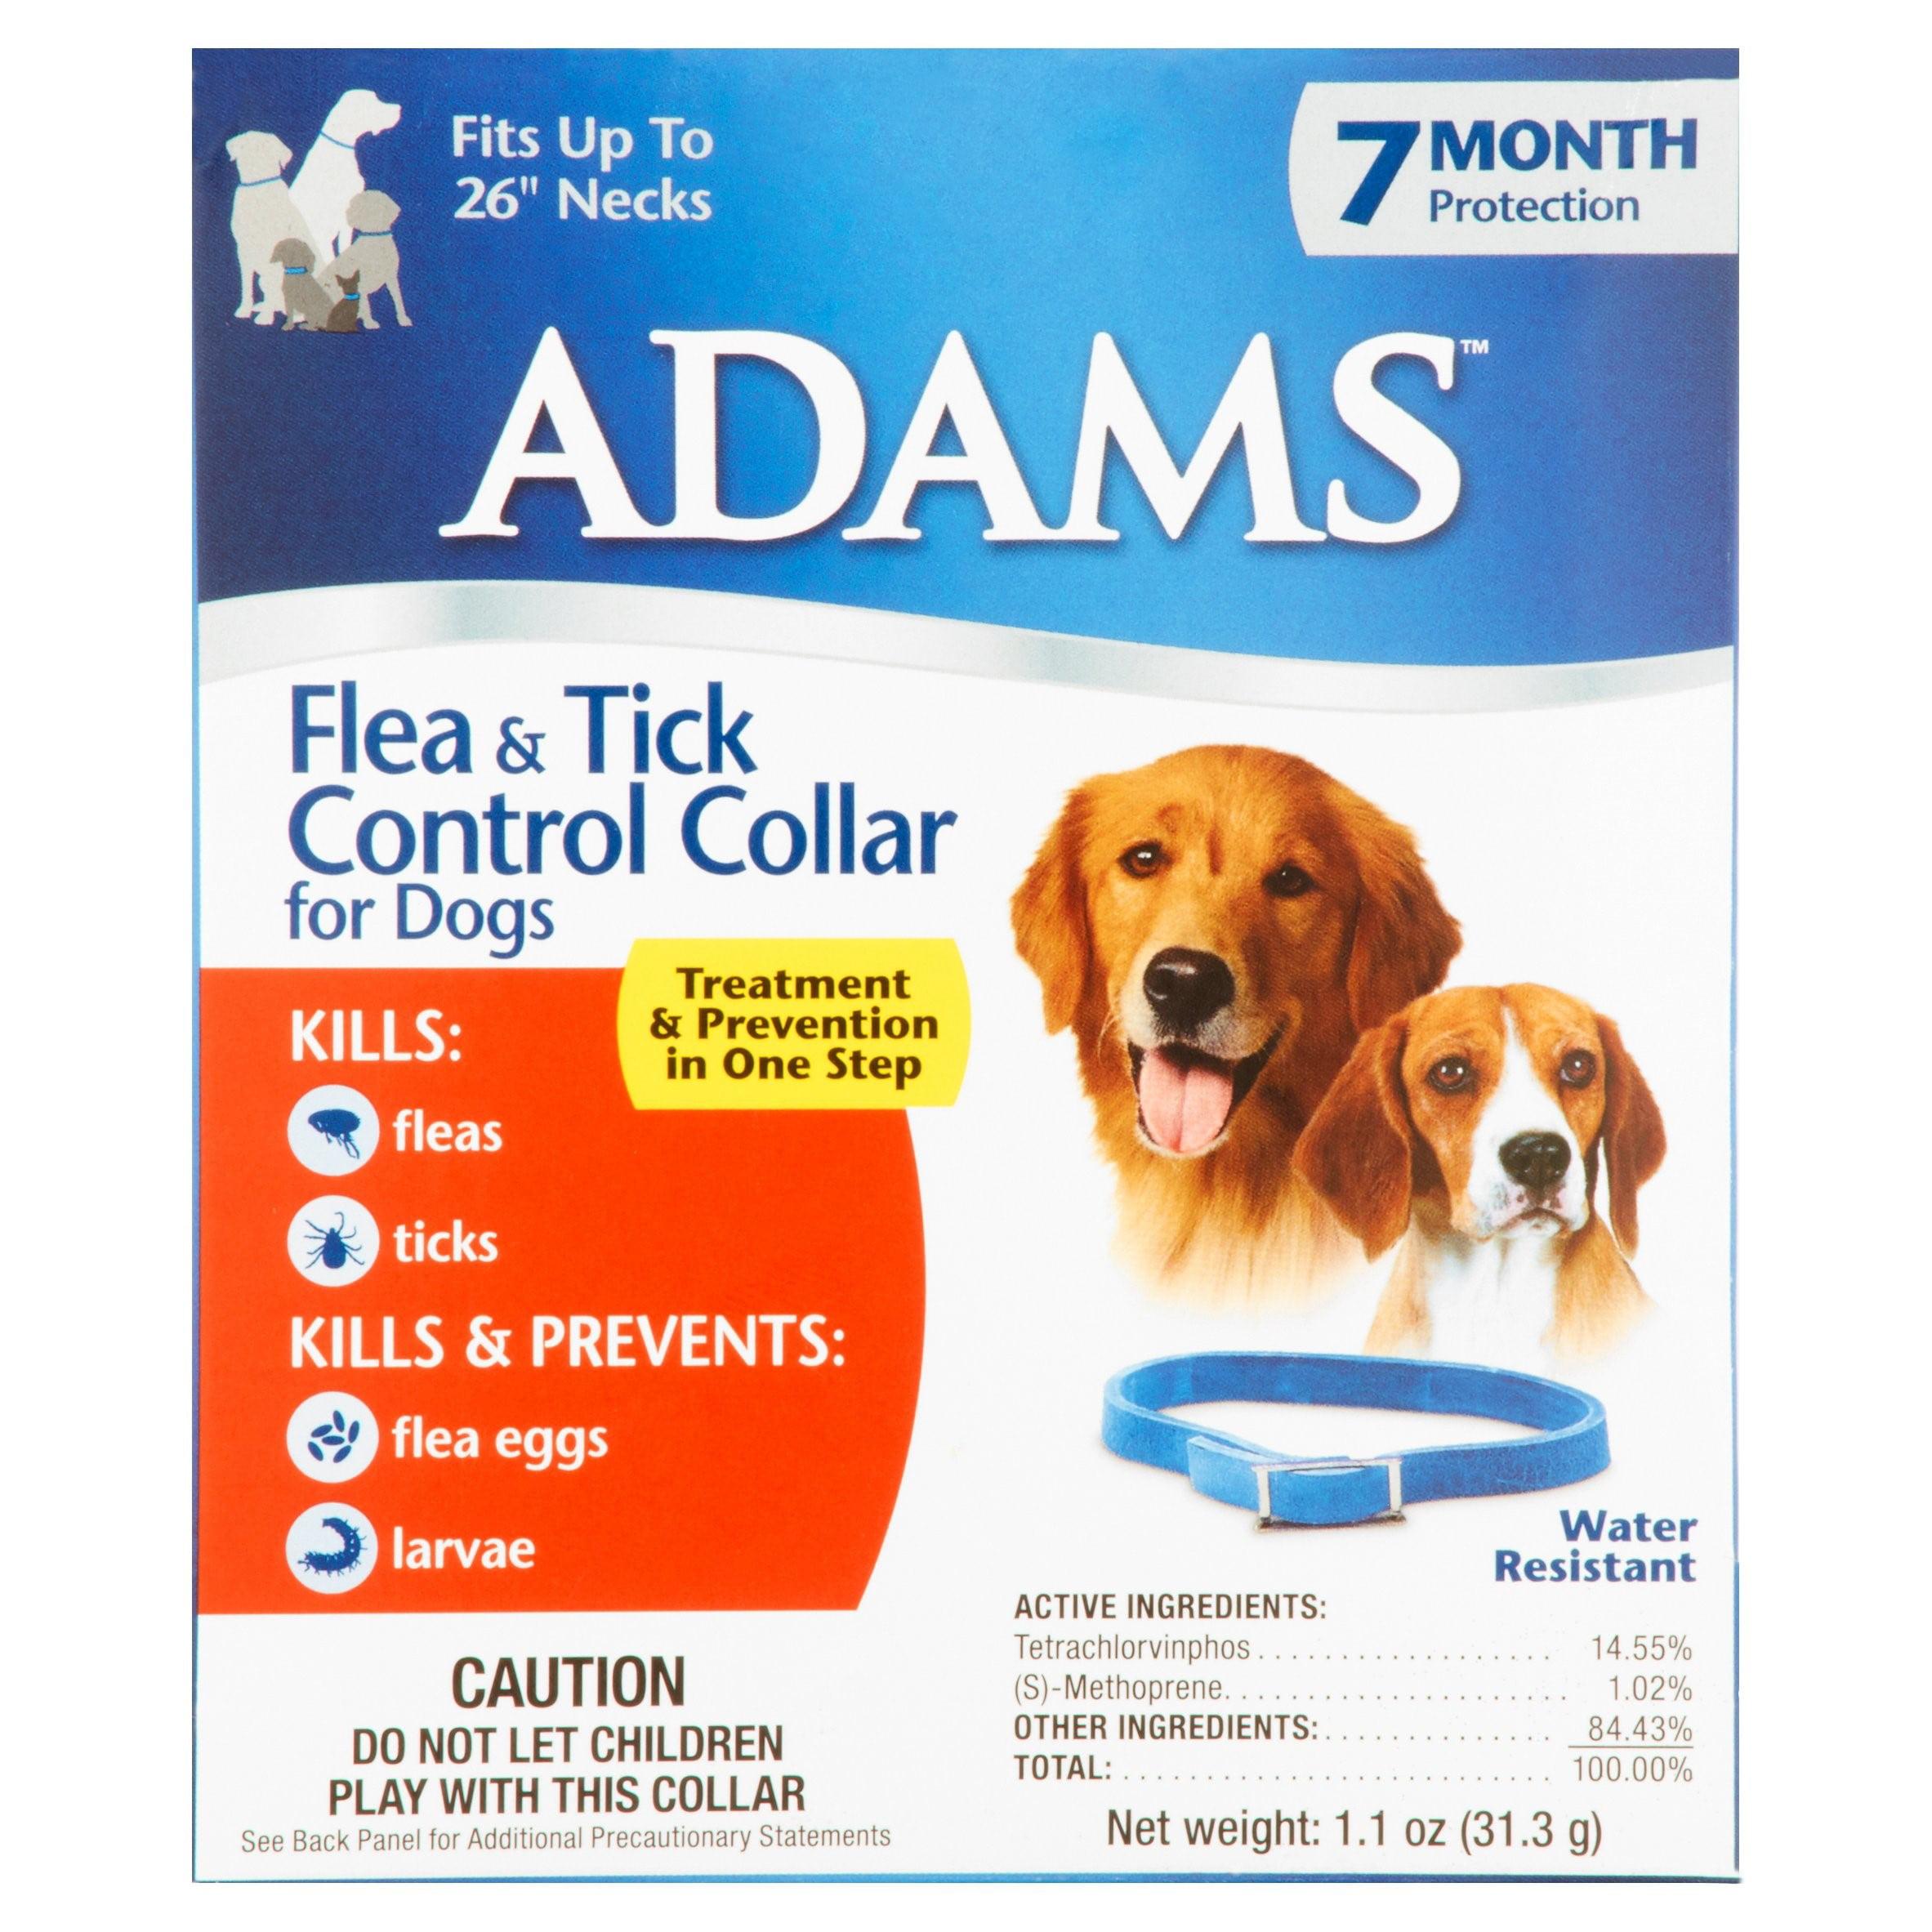 Adams Flea & Tick Kill and Prevention Collar for Dogs